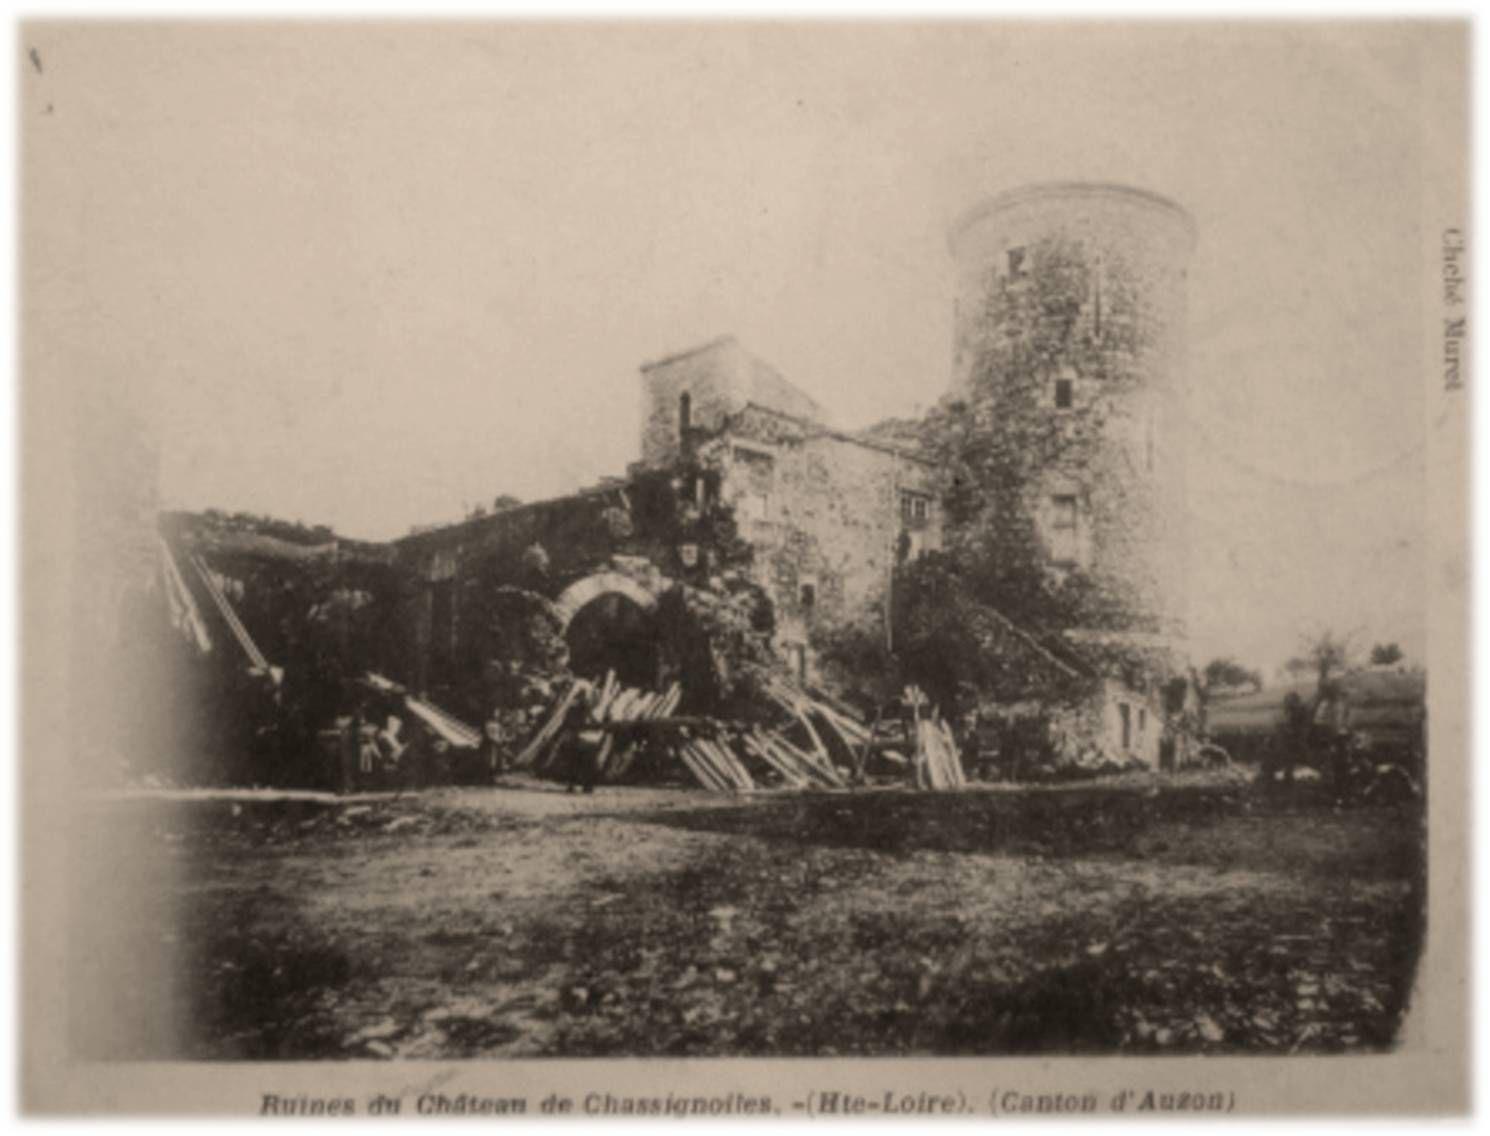 Le chateau de Chassignolles